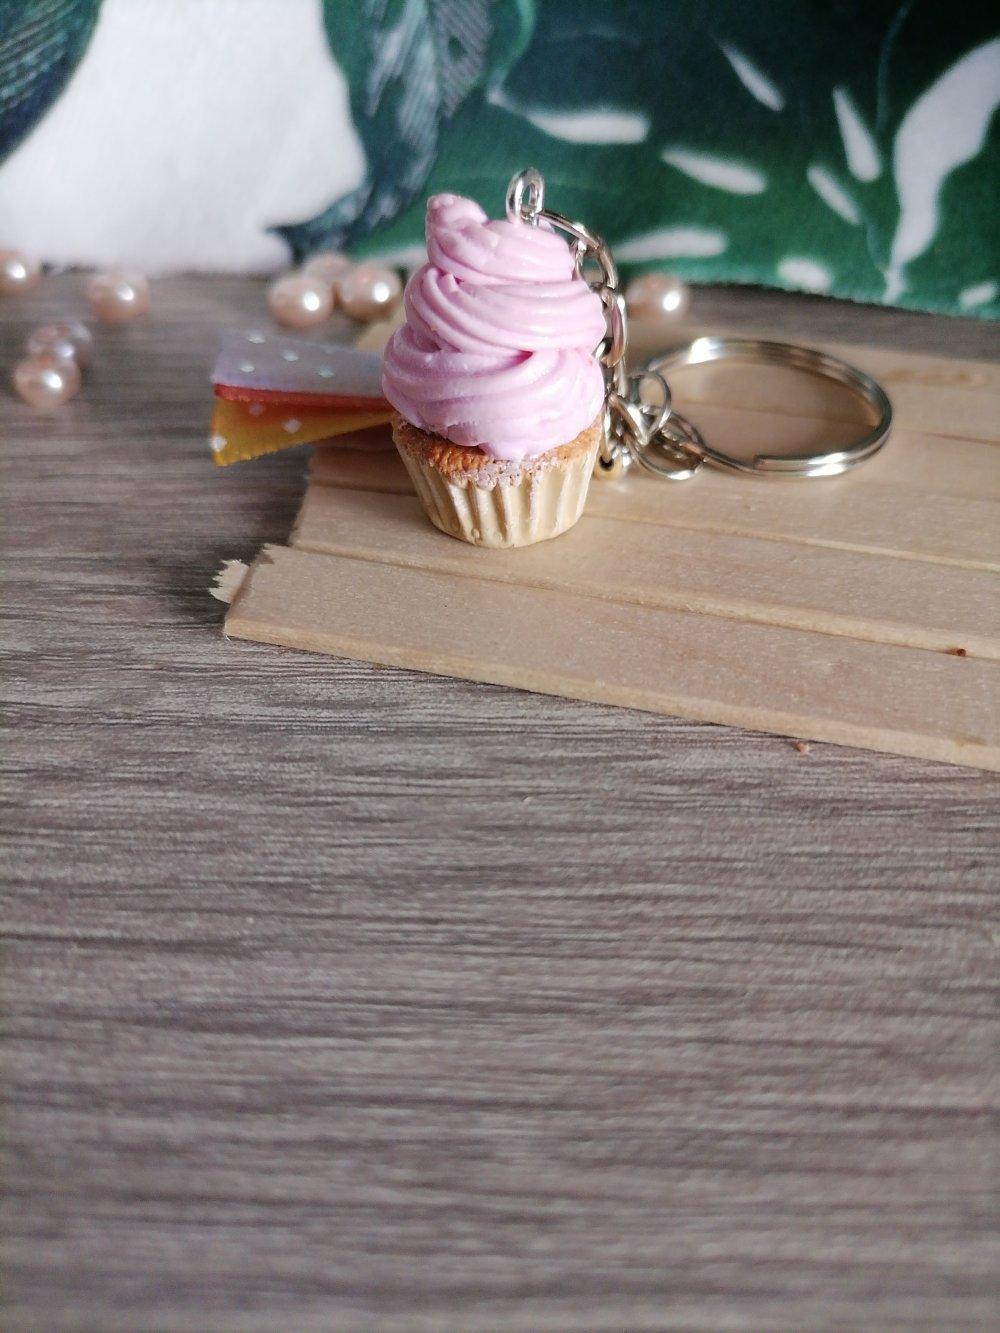 porte clefs cupcake fraise